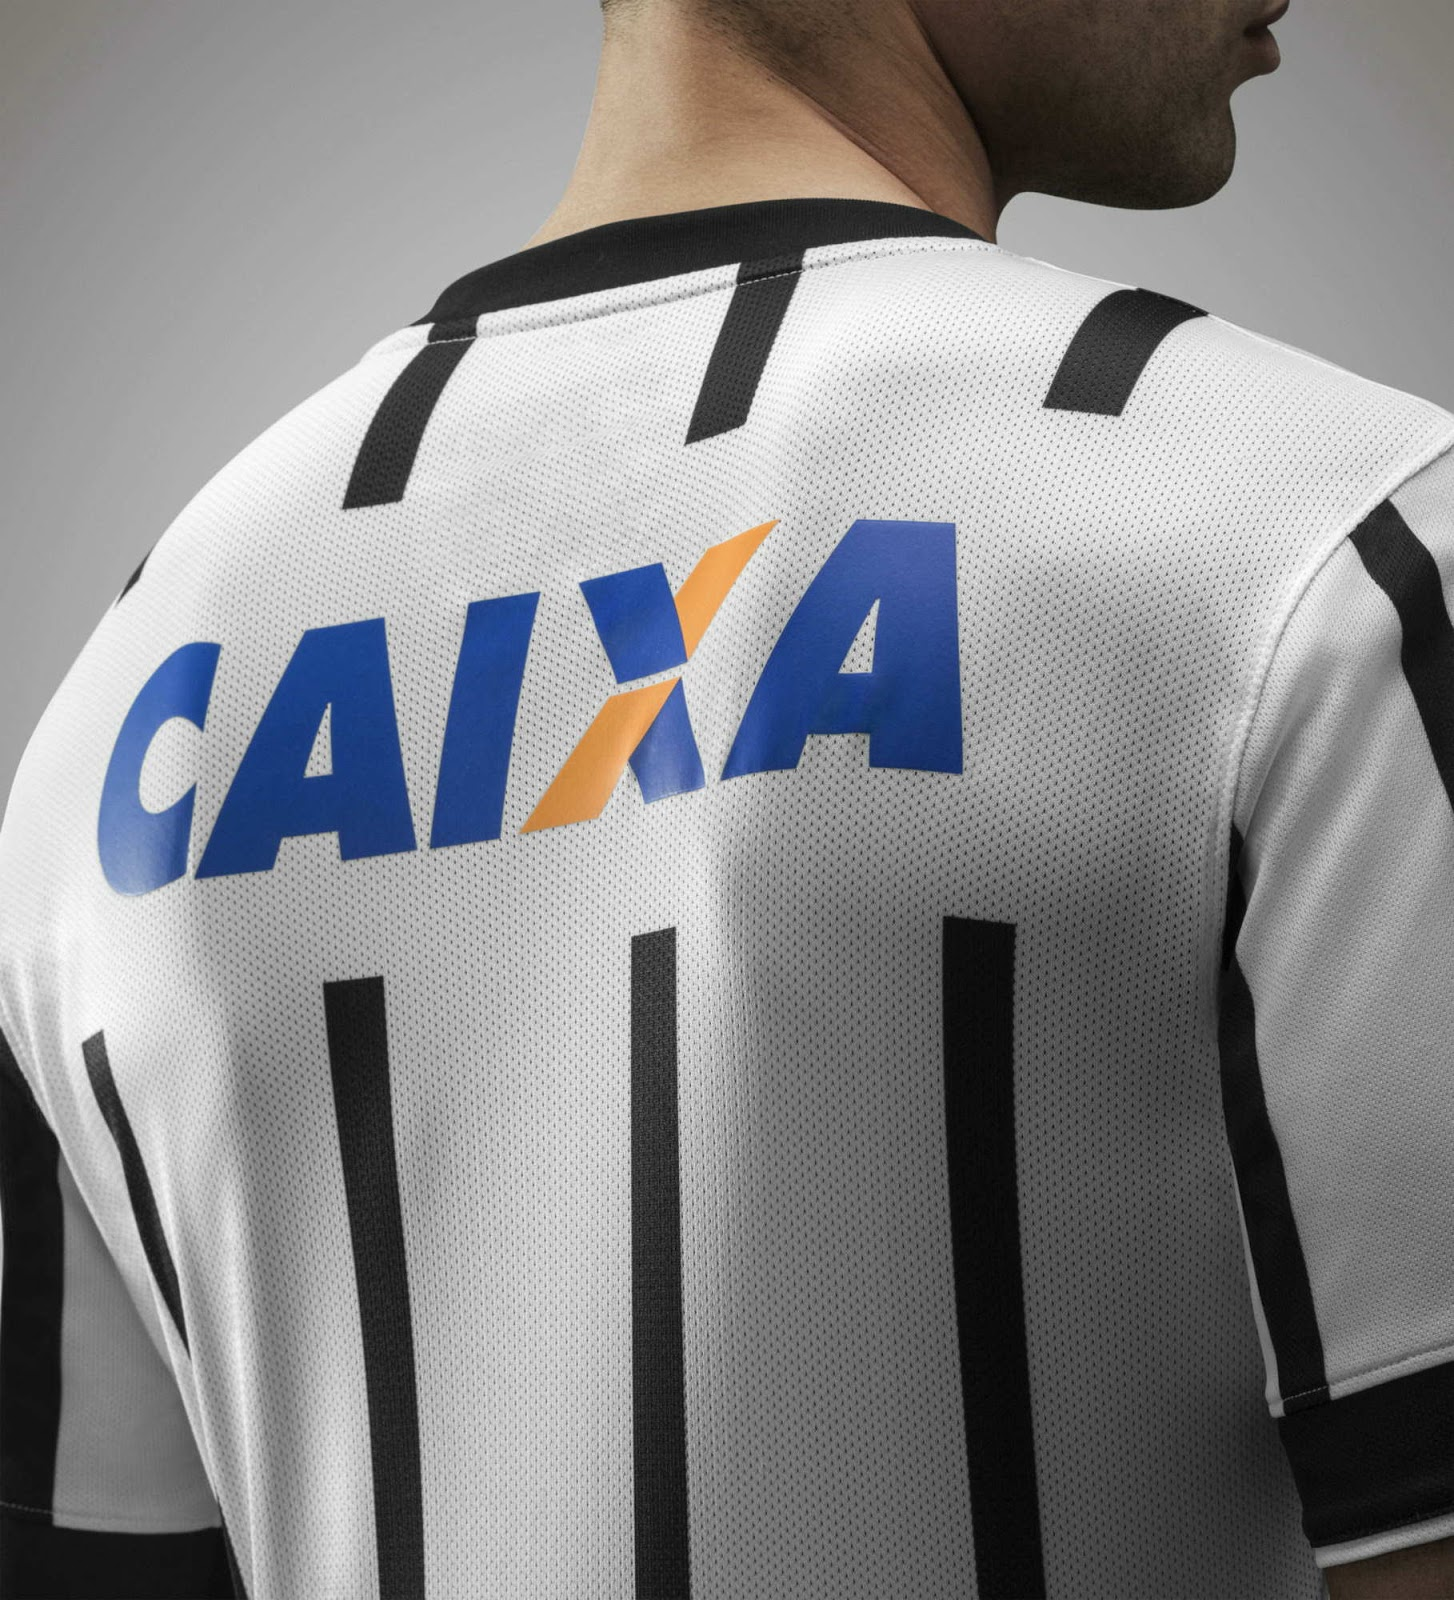 http://3.bp.blogspot.com/-4Zf4SaMiog8/U9NxQZ4d45I/AAAAAAAAVH4/WiI-qVGfAEc/s1600/Nike-Corinthians-14-15-Home-Kit+(3).jpg